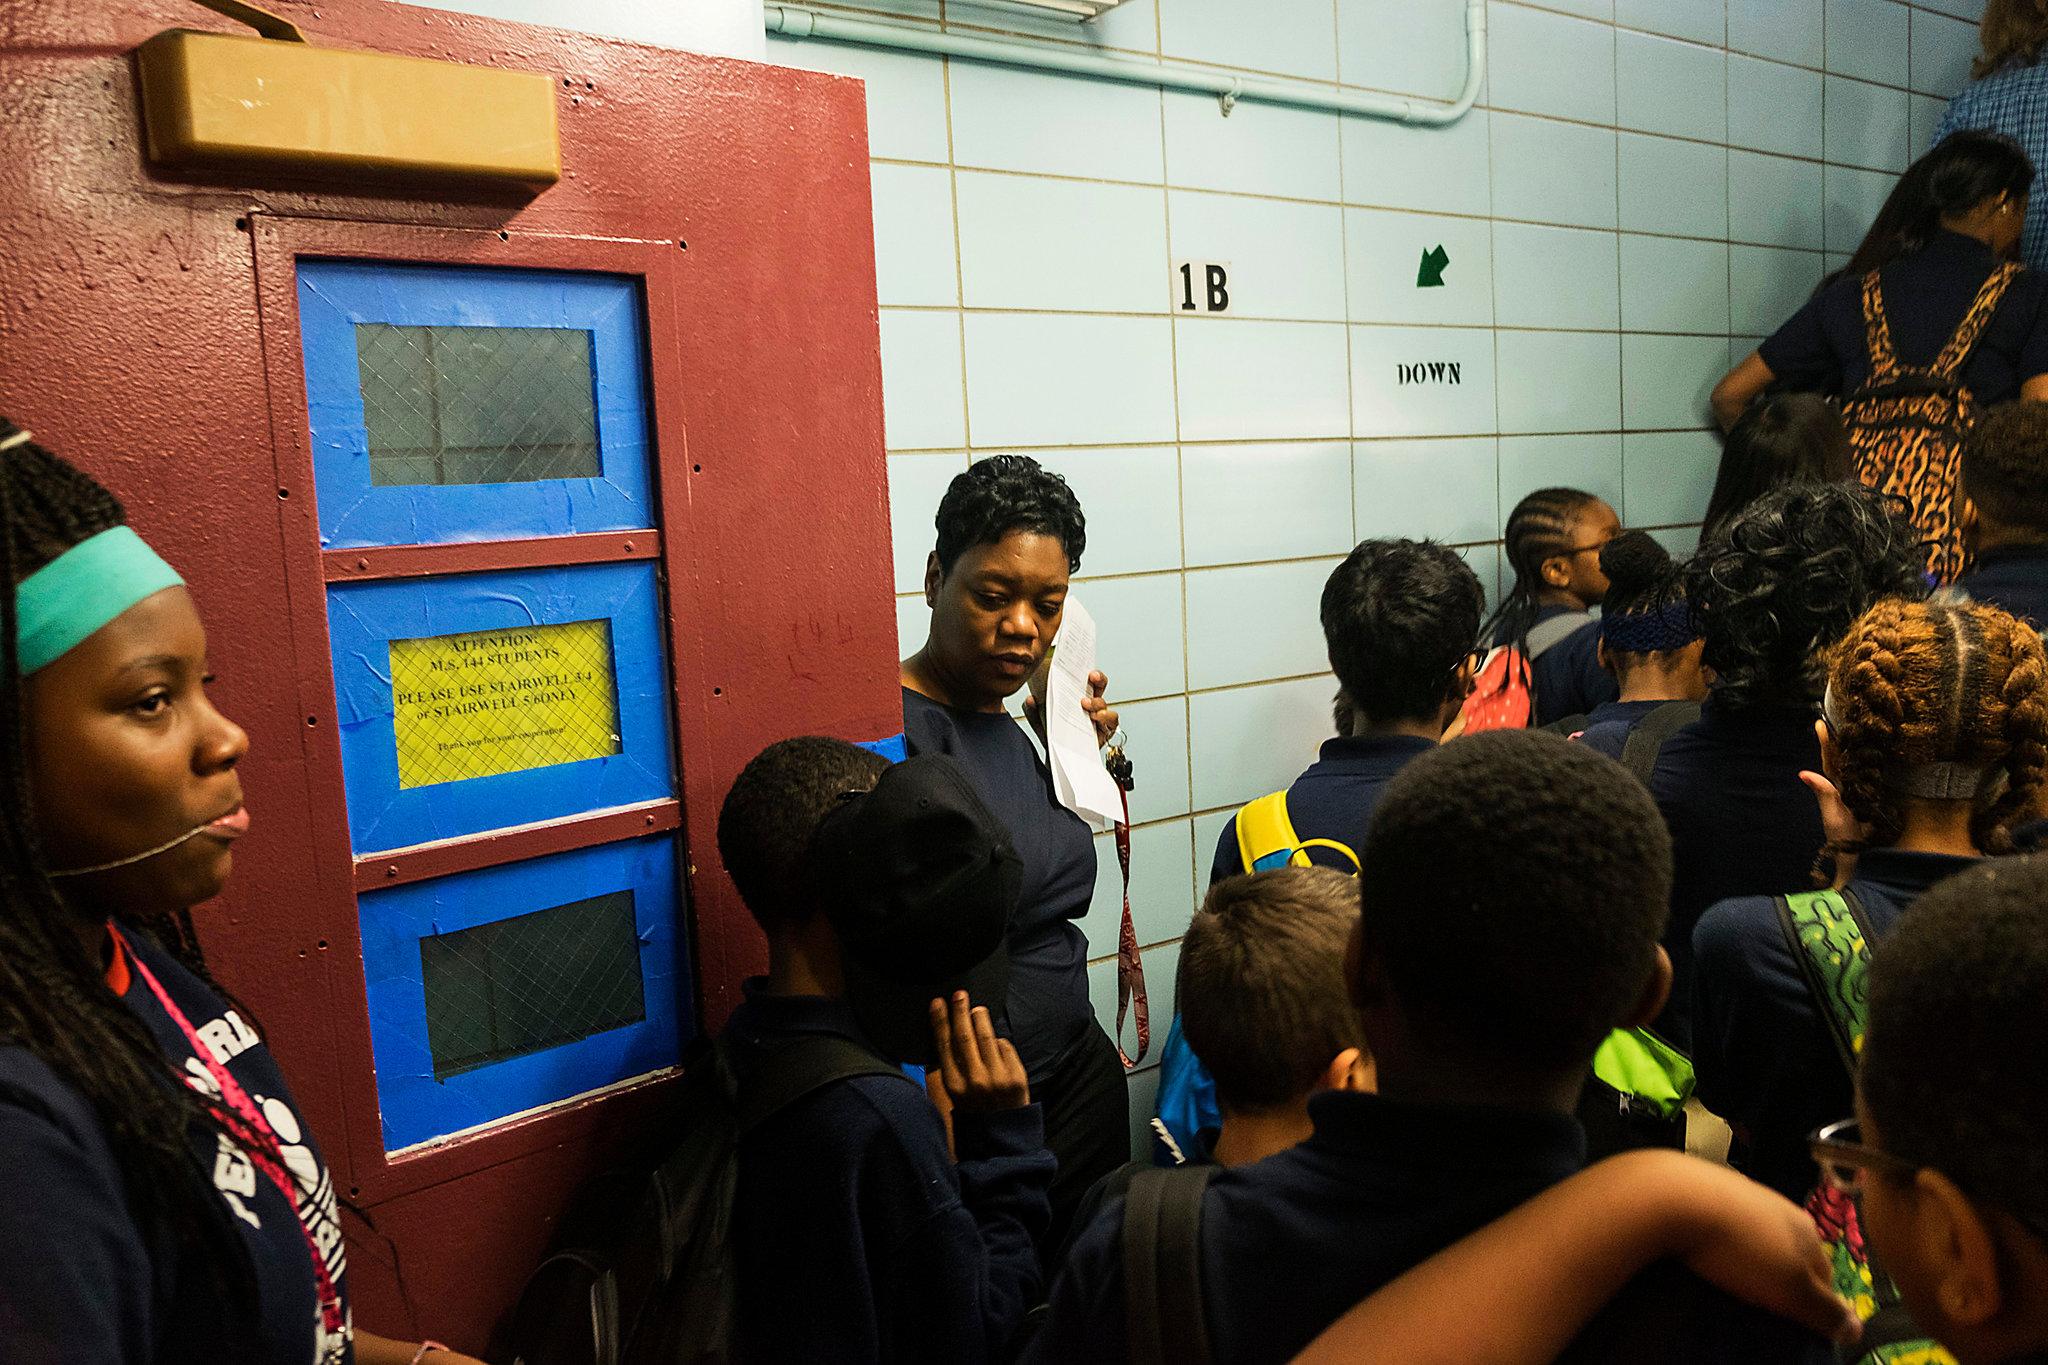 Ayana Bryant, consulente scolastica               della Pelham Gardens Middle School nel quartiere Bronx a               New York, insieme agli studenti. Aprile 2017. Credit: Christian Hansen per The New York Times.